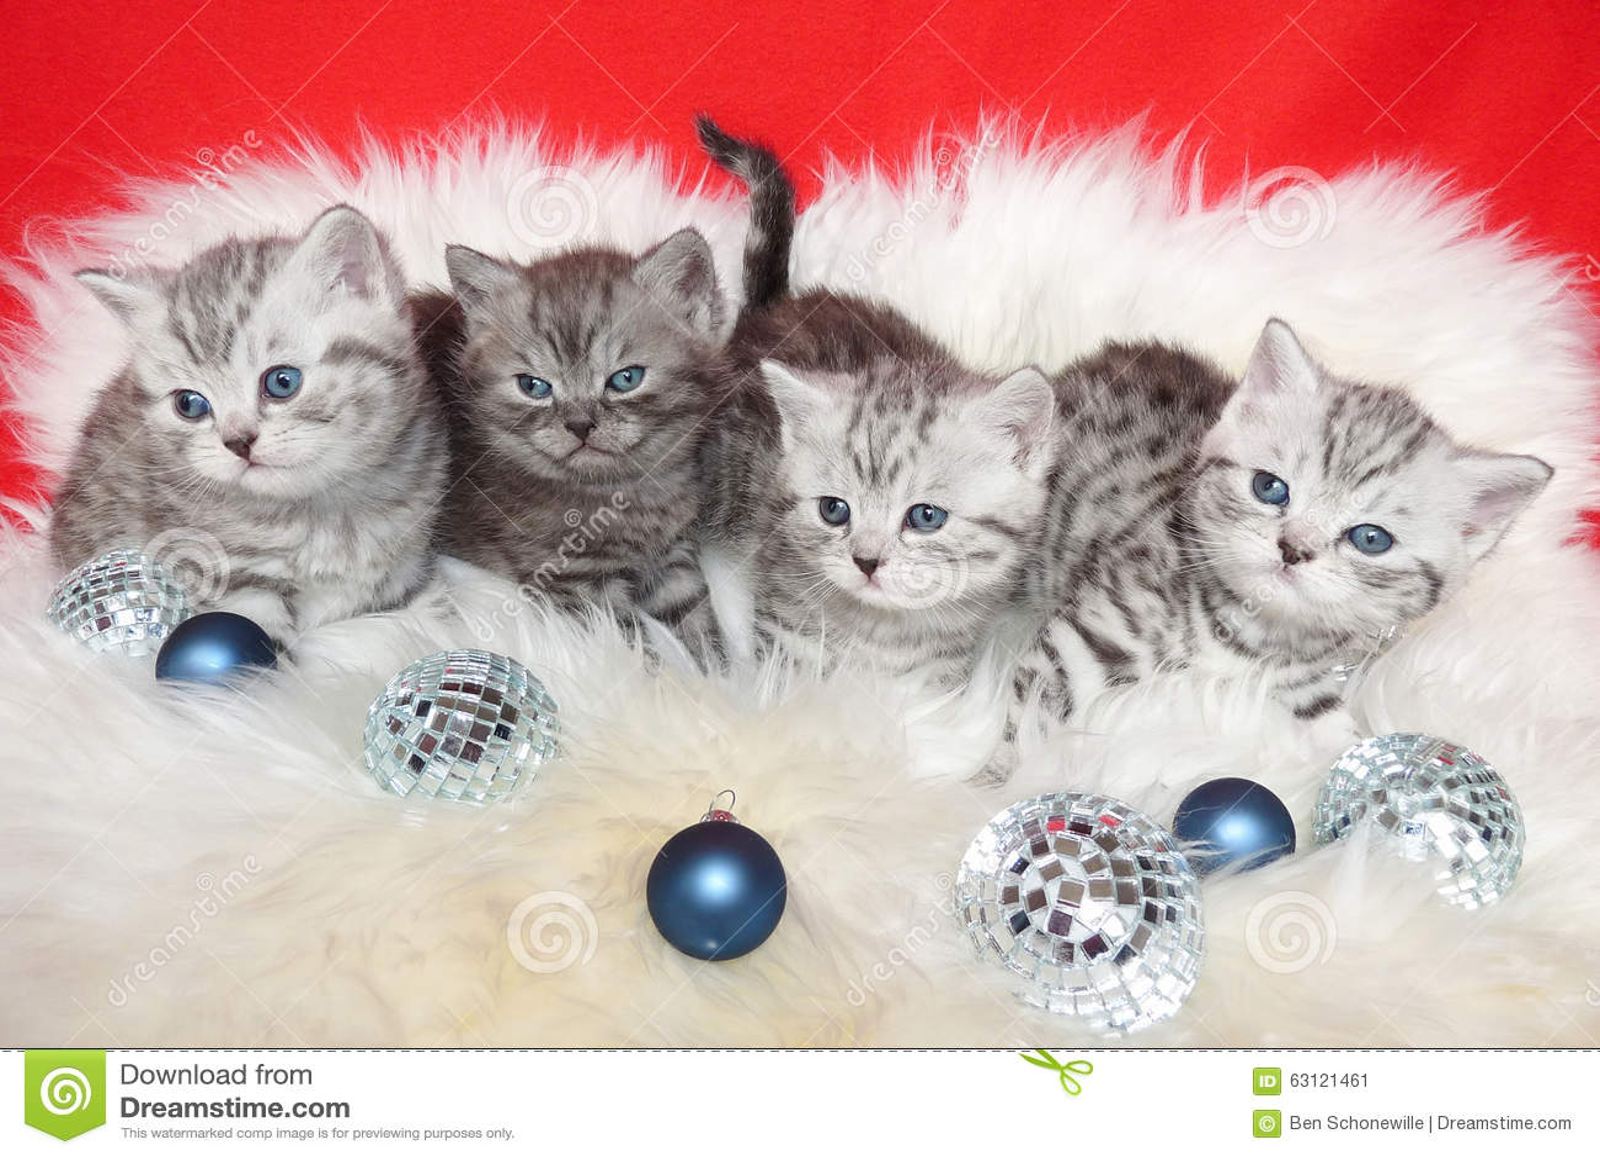 rudern sie junge katzen der getigerten katze auf schaffell. Black Bedroom Furniture Sets. Home Design Ideas